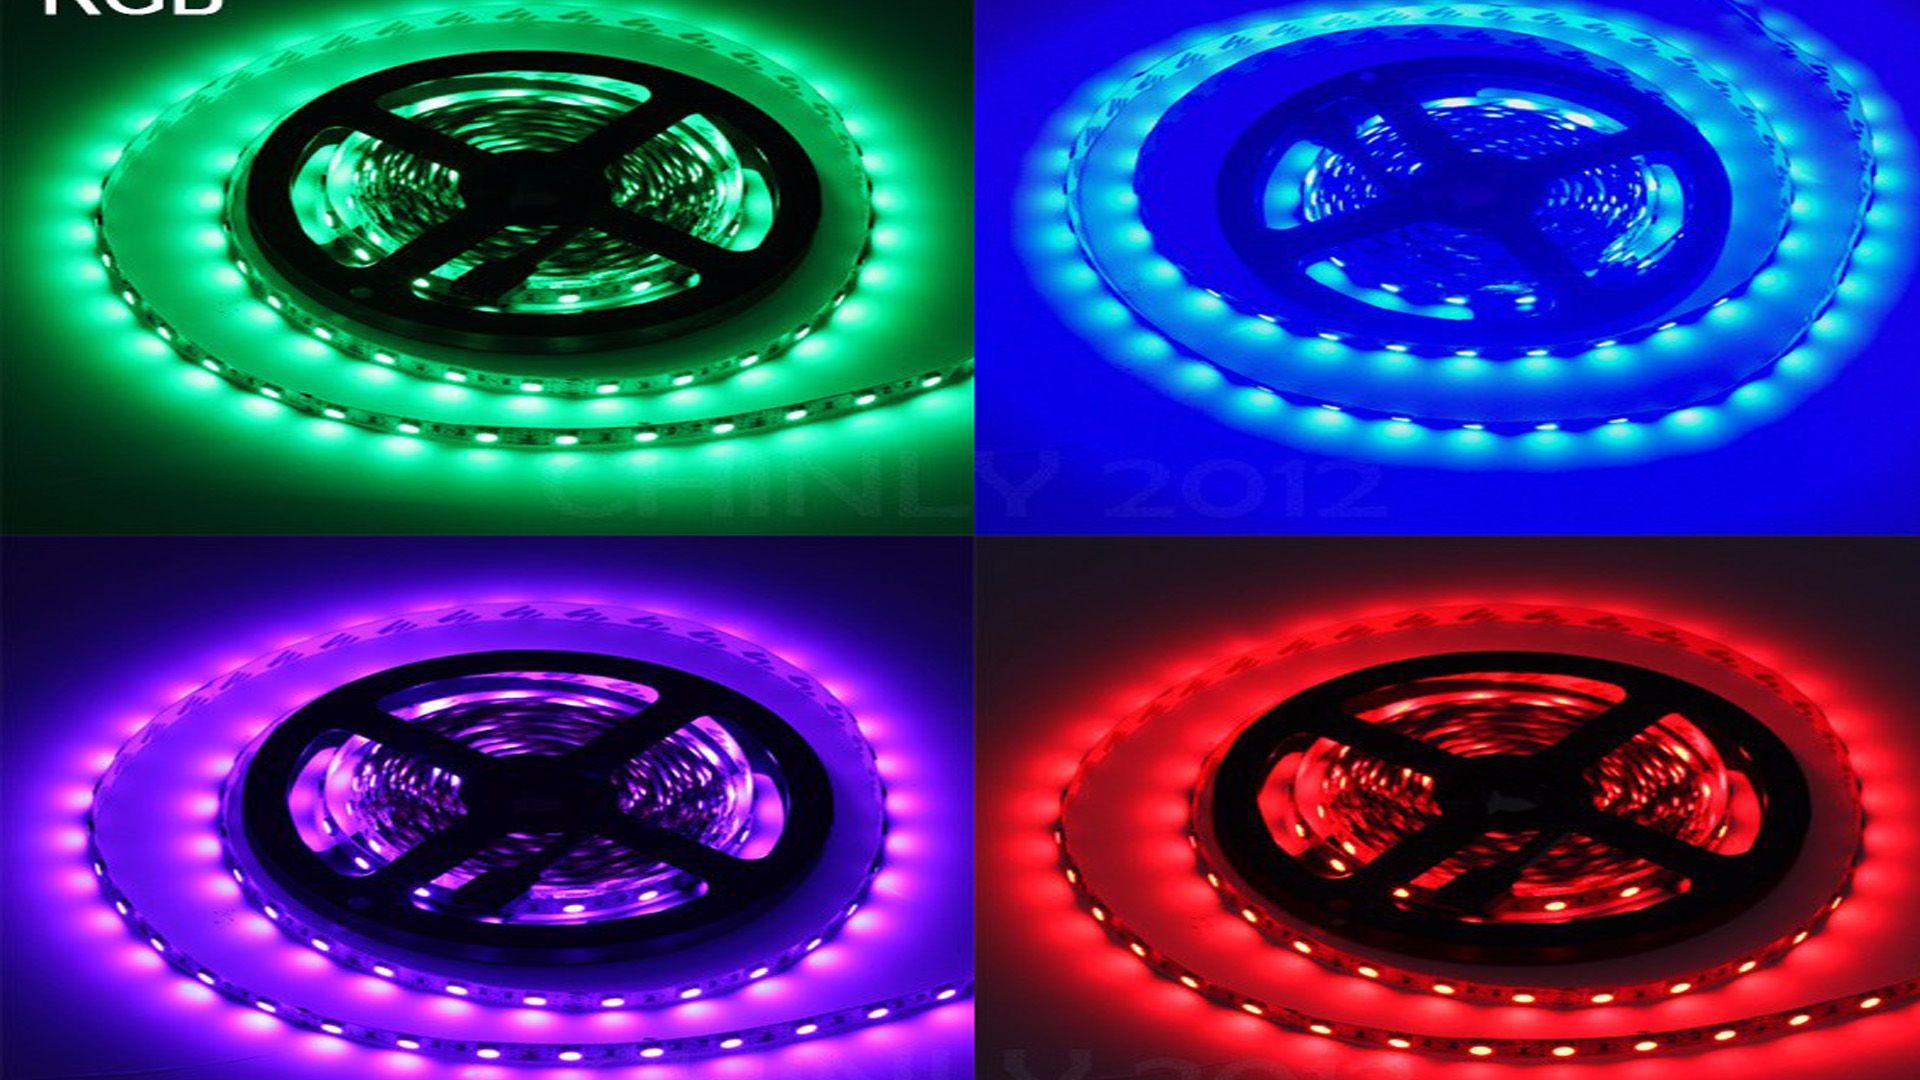 Govee Dreamcolor Led Strip Dreamrgb Led Strip Teckin Smart Light Strip Setup Strip Lighting Smart Lighting Led Strip